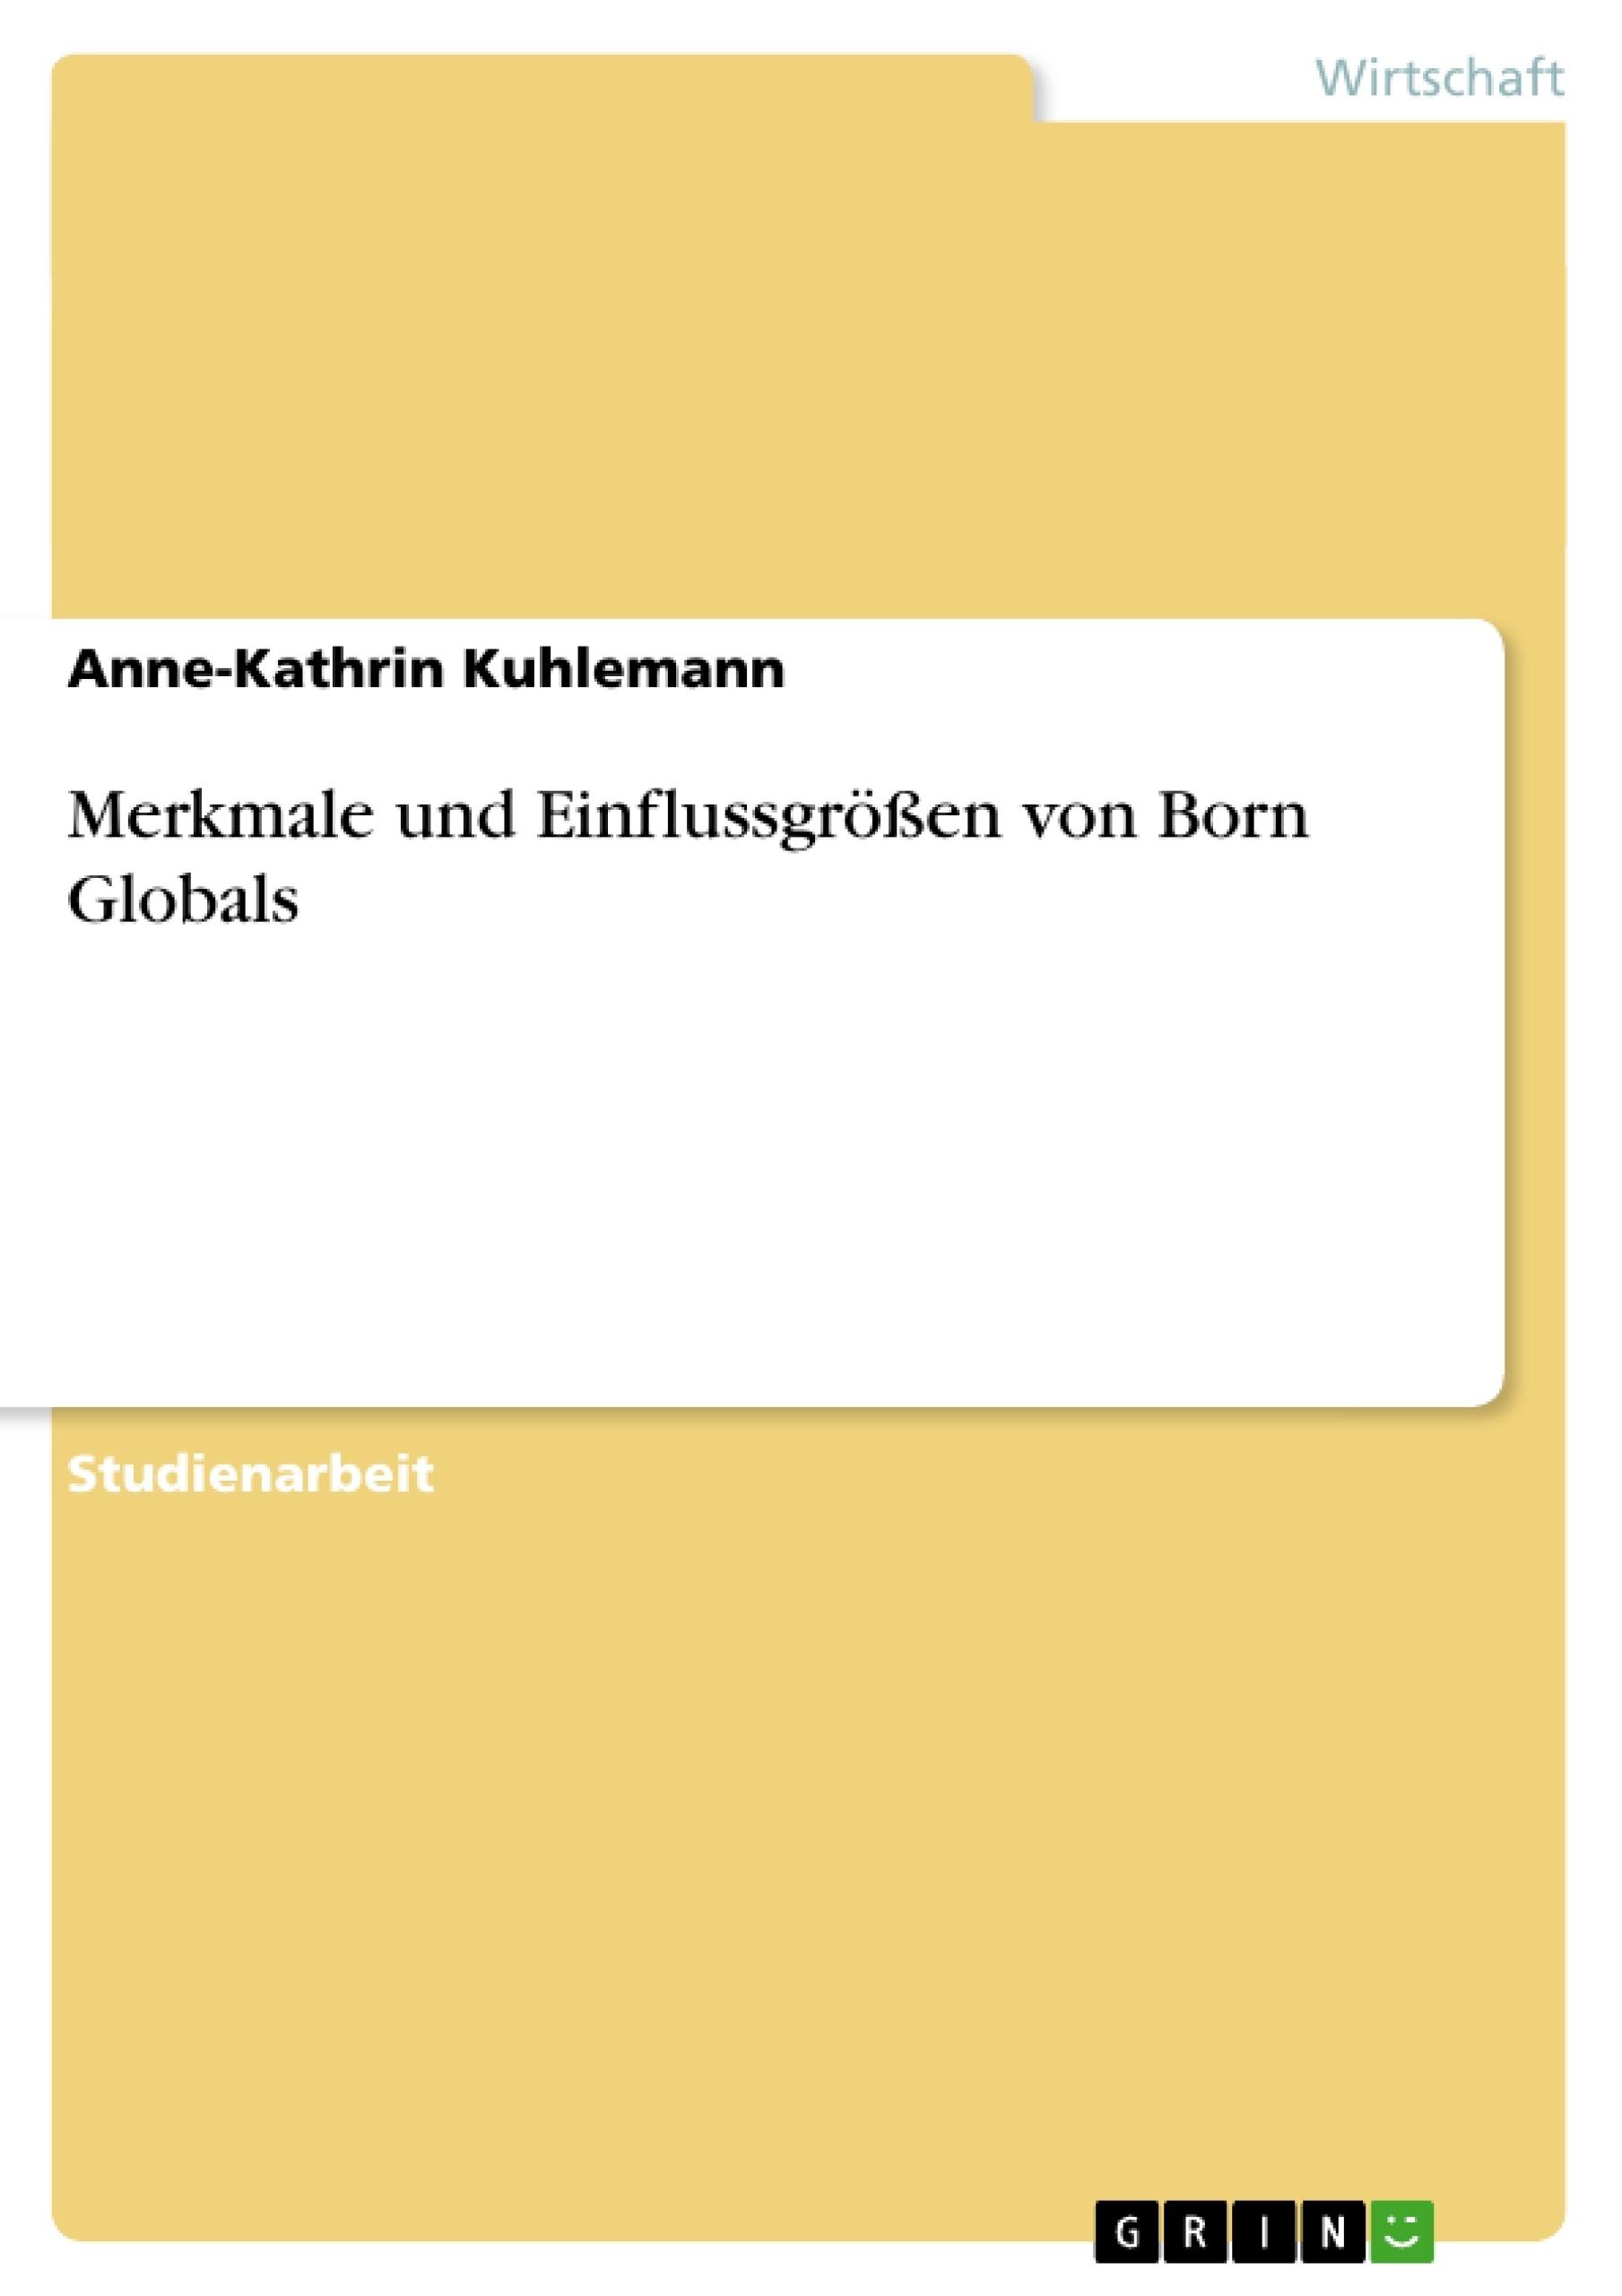 Titel: Merkmale und Einflussgrößen von Born Globals